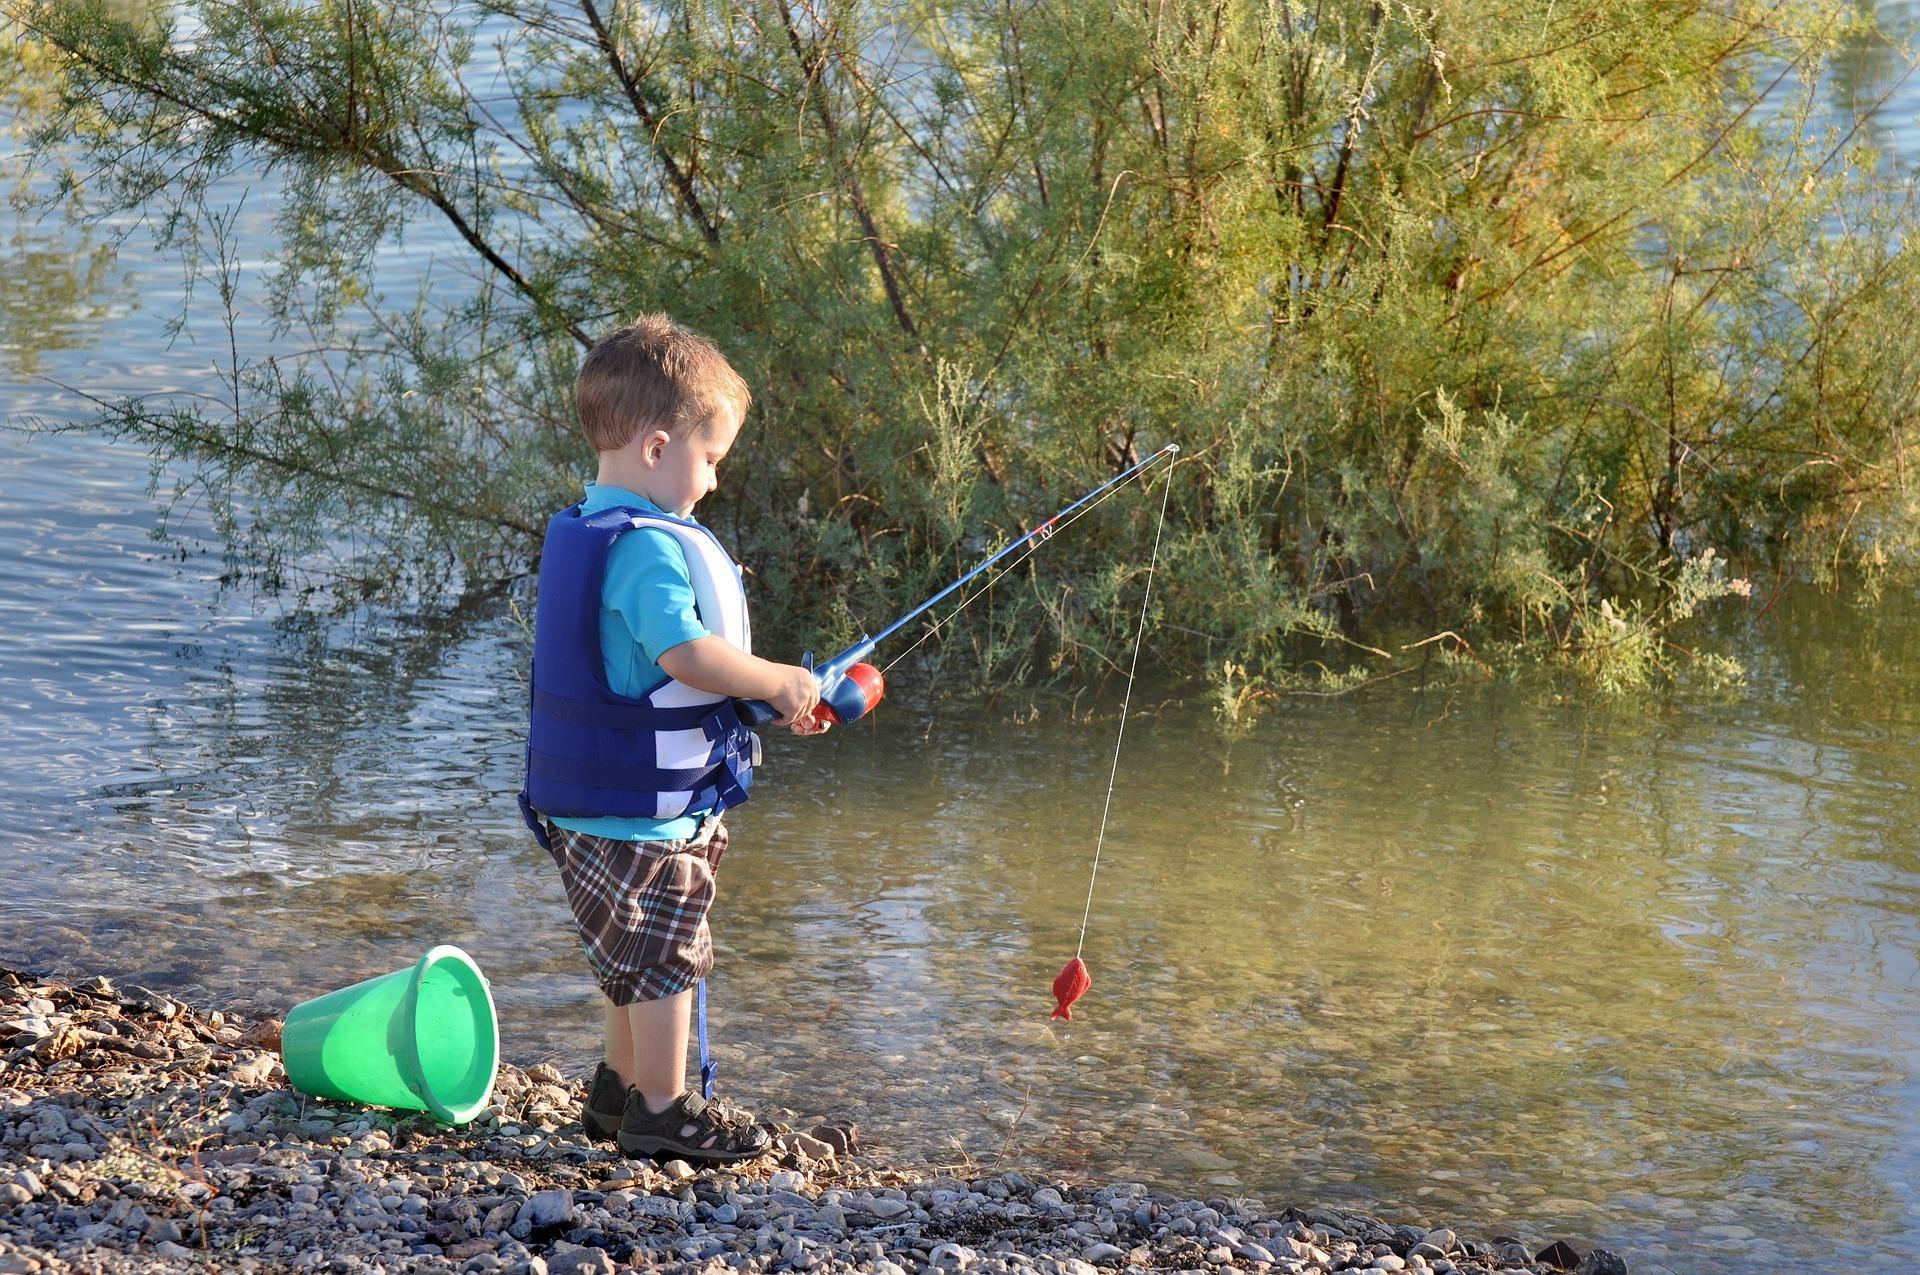 Děti mohou opět navštěvovat rybářské kroužky! Jihočeský ÚS vydal doporučení o jejich obnově